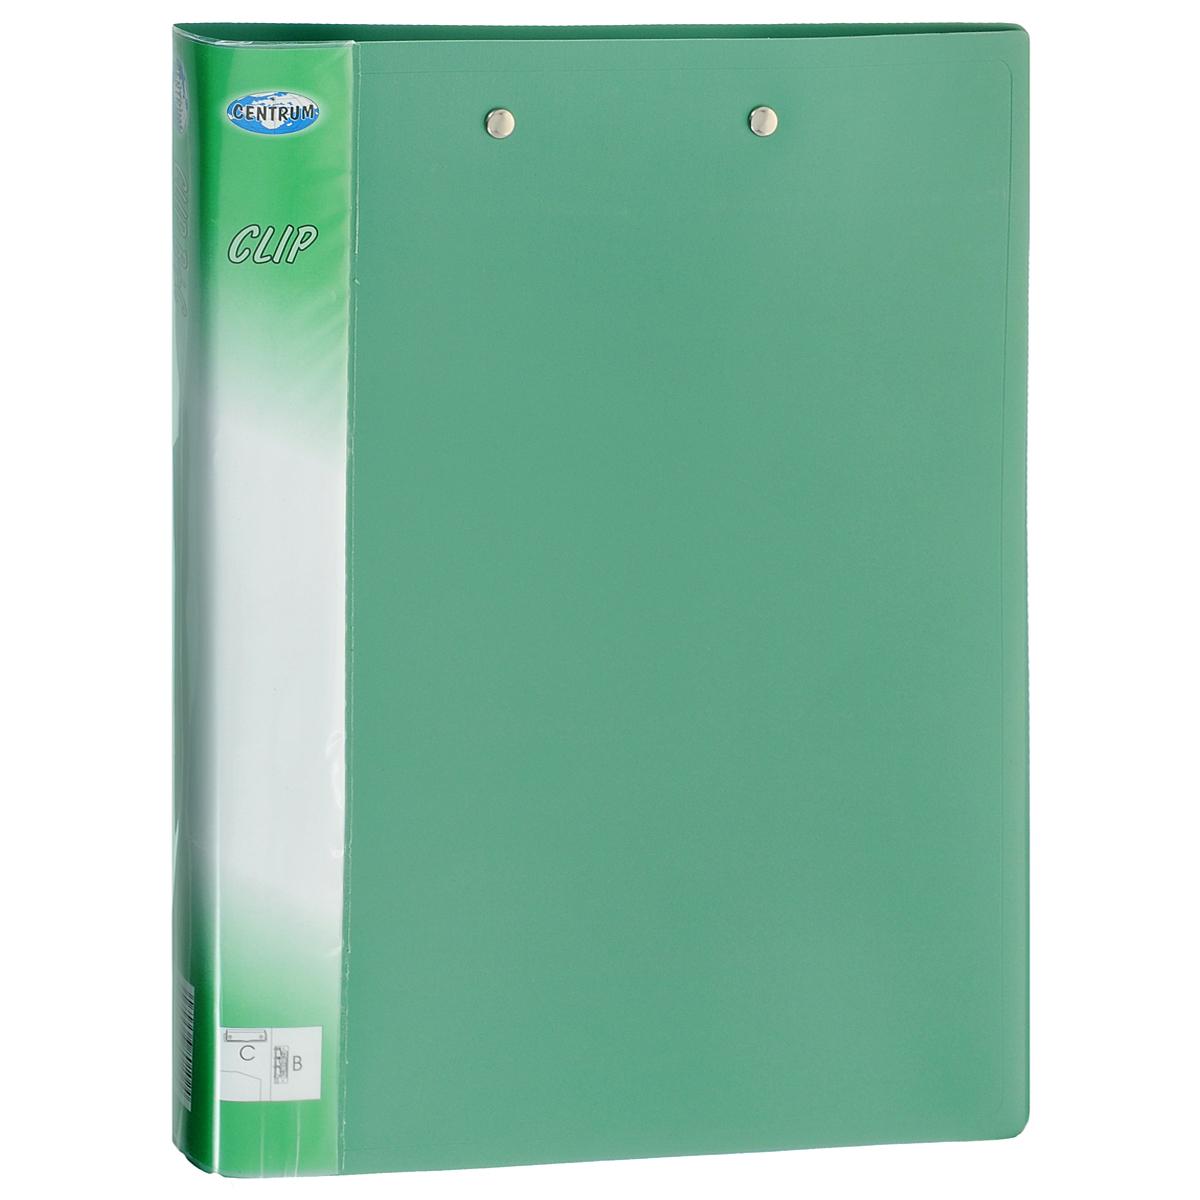 Папка Centrum с боковым и верхним зажимами, цвет: зеленый. Формат А480102ЗПапка Centrum с боковым и верхним зажимами - это удобный и функциональный офисный инструмент, предназначенный для хранения и транспортировки бумаг и документов формата А4. Обложка папки изготовлена из износостойкого непрозрачного пластика повышенной плотности. Папка имеет опрятный и неброский вид. Оснащена двумя металлическими зажимами - боковым и верхним, что позволяет использовать ее в качестве накопителя и планшета для записей на весу. На внутренней стороне расположен прозрачный открытый карман. Папка - это незаменимый атрибут для студента, школьника, офисного работника. Такая папка надежно сохранит ваши документы и сбережет их от повреждений, пыли и влаги.